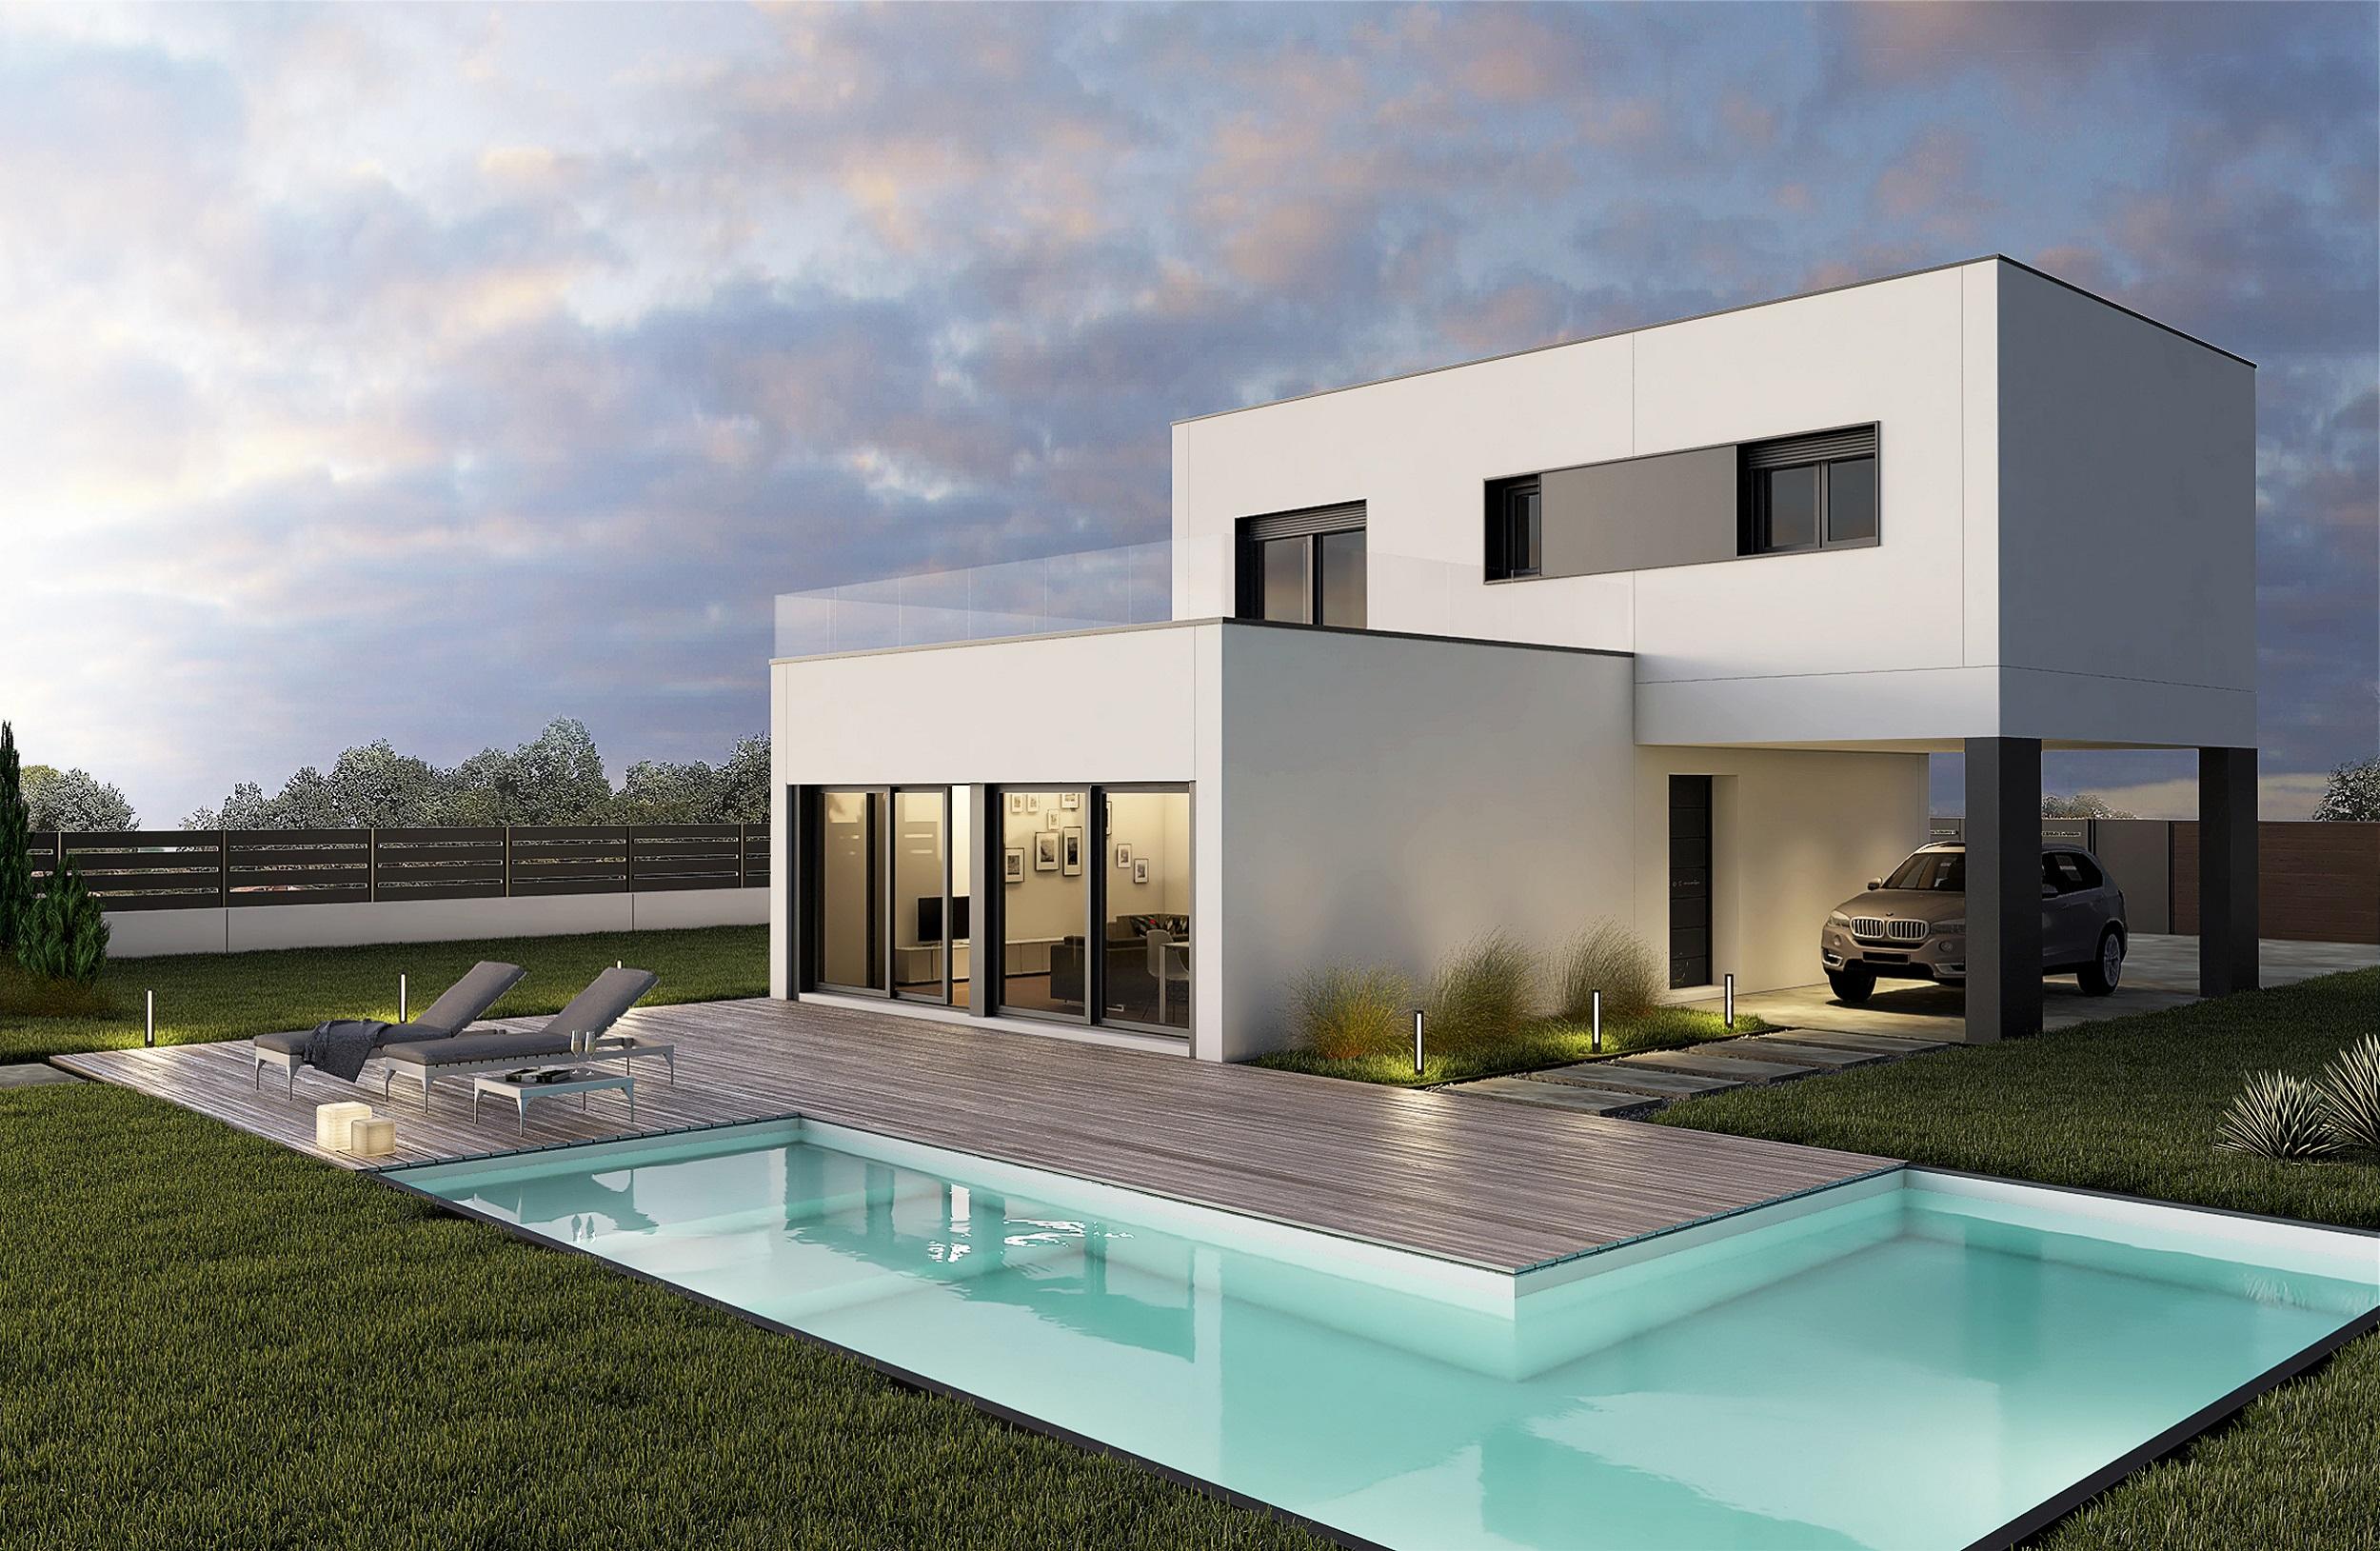 Hormipresa casas prefabricadas hormig n precios for Casa moderna hormigon